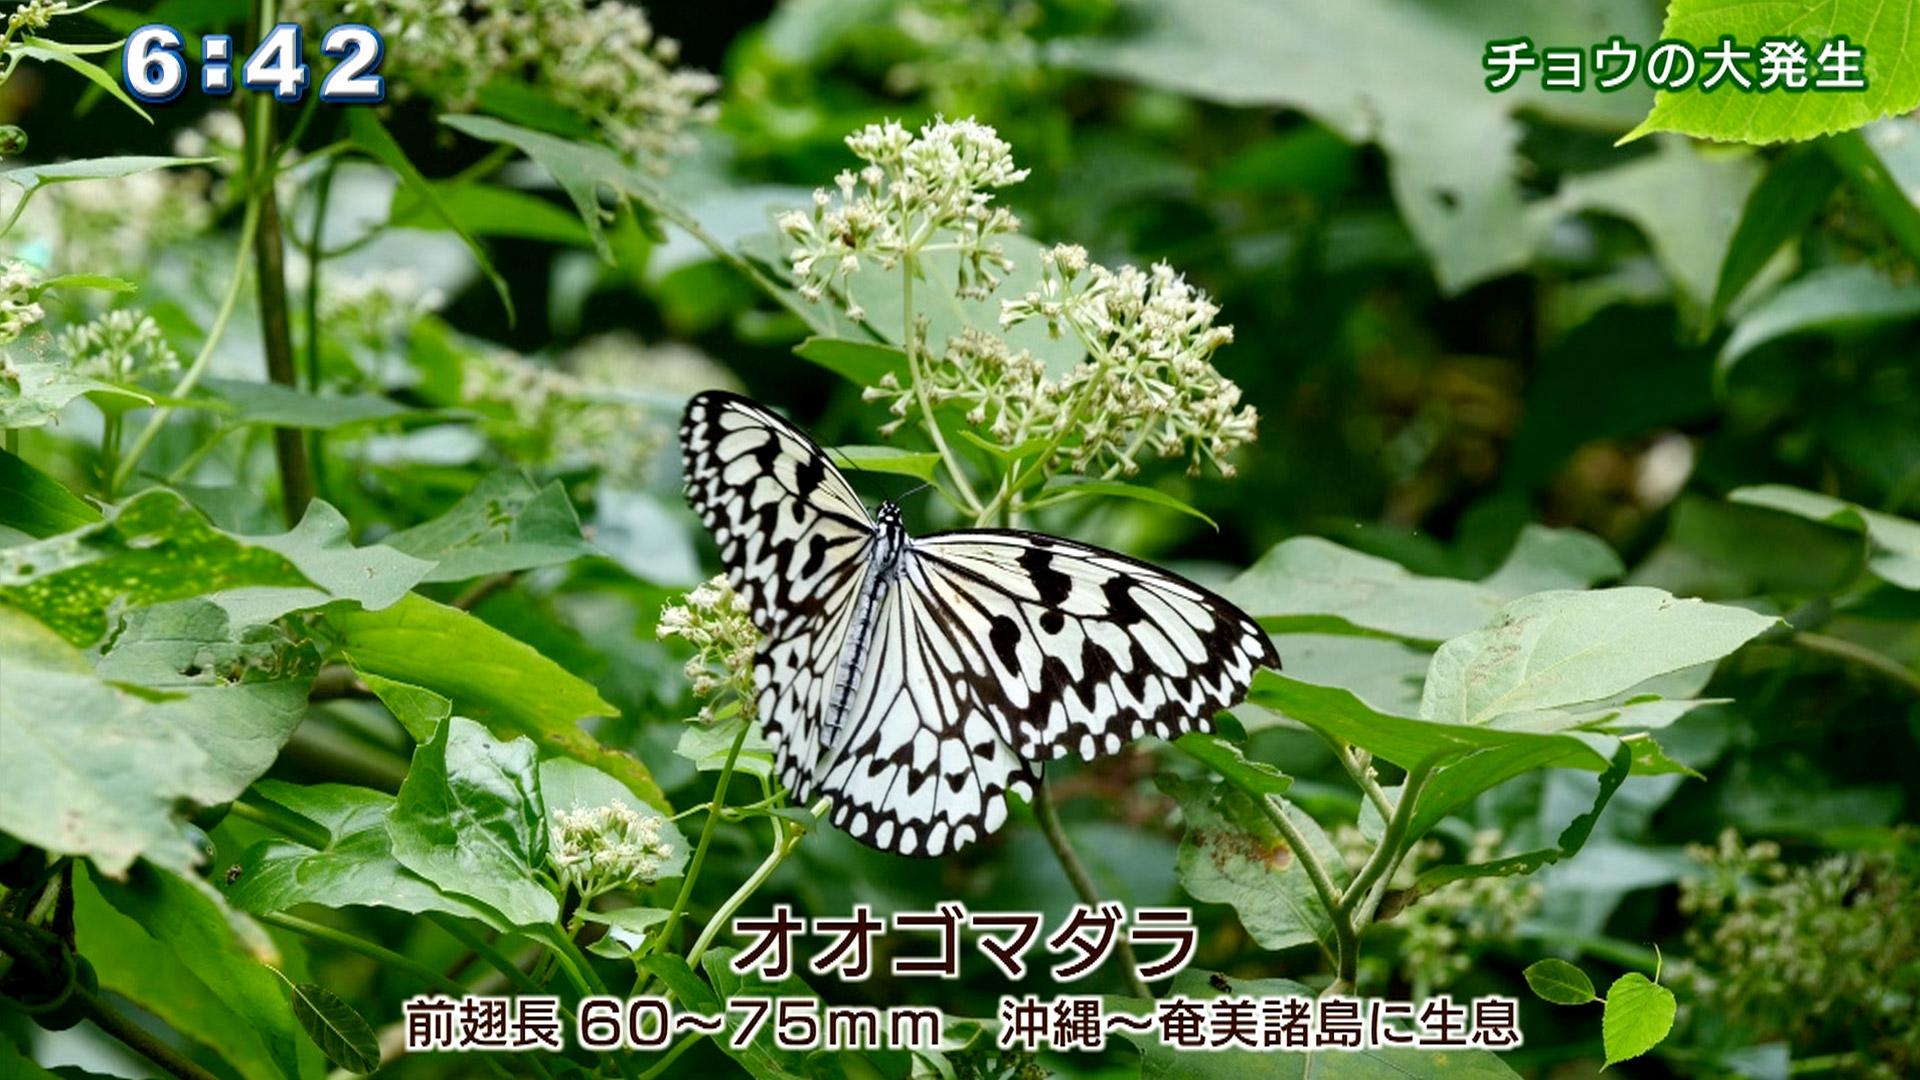 リュウキュウの自然 チョウの大発生